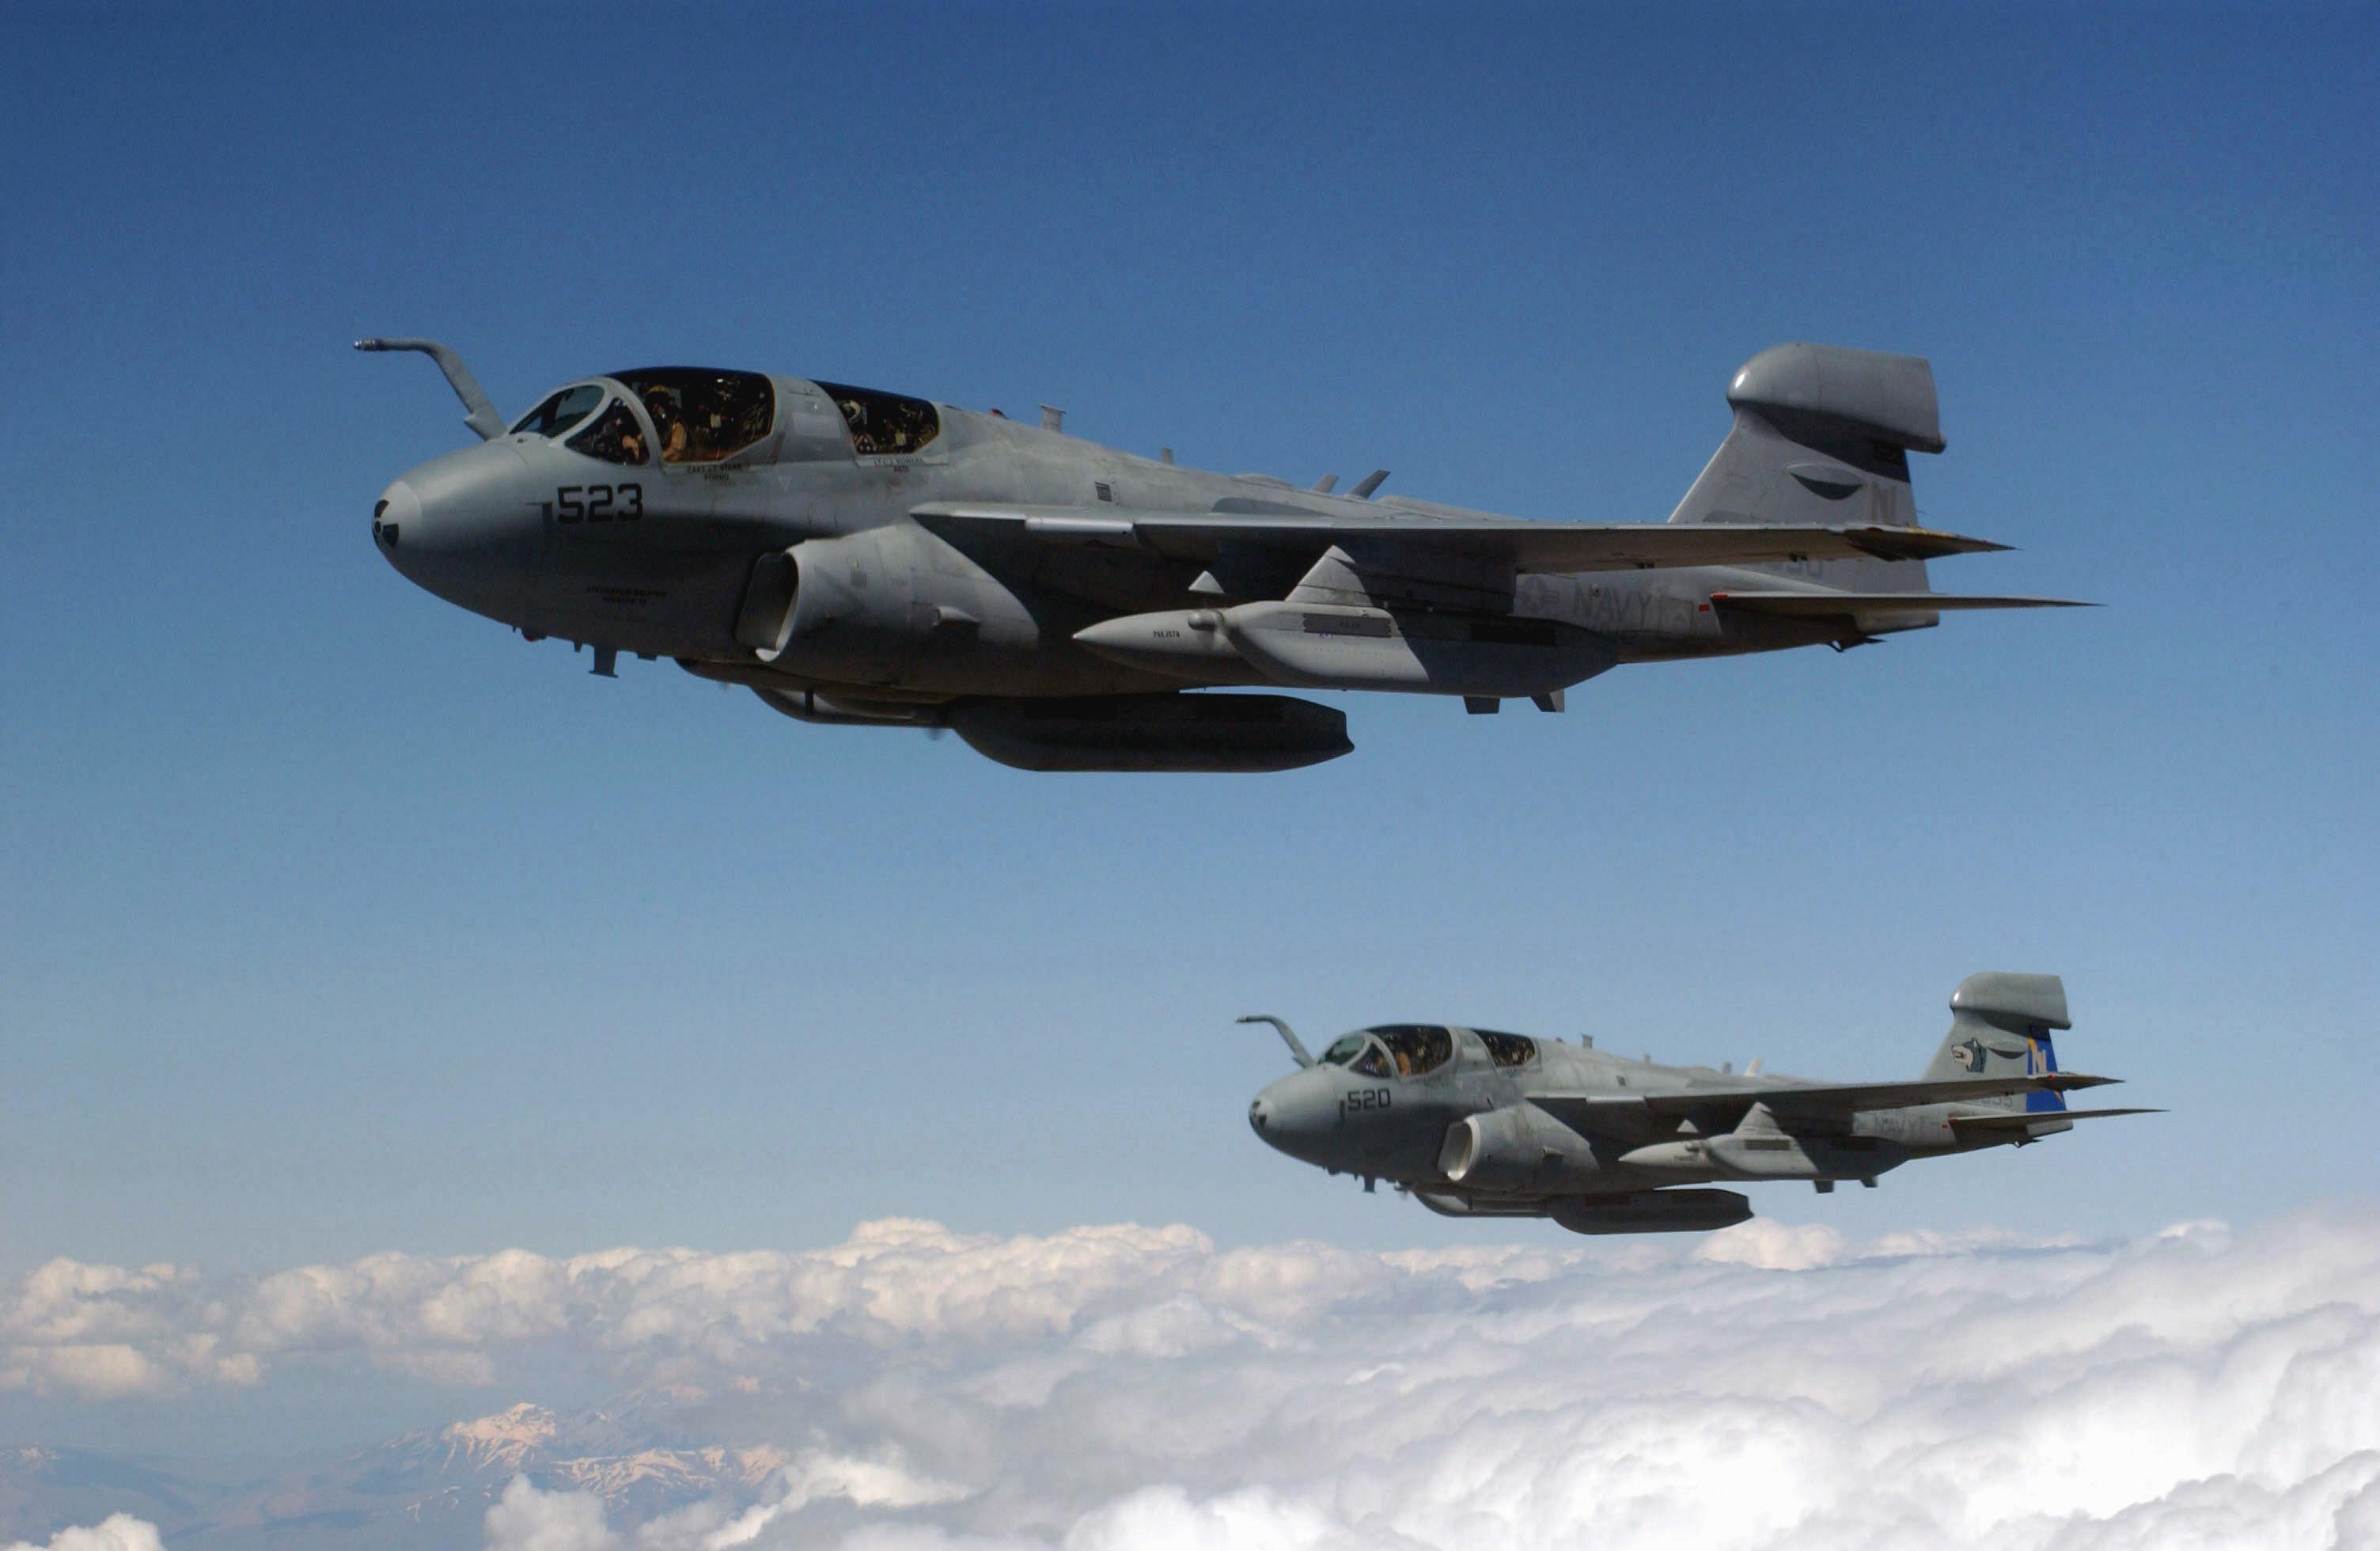 المصاعب اللوجستيه الامريكيه في عمليات القصف الجوي ضد داعش في سوريا  EA-6B_Prowlers_supporting_Northern_Watch